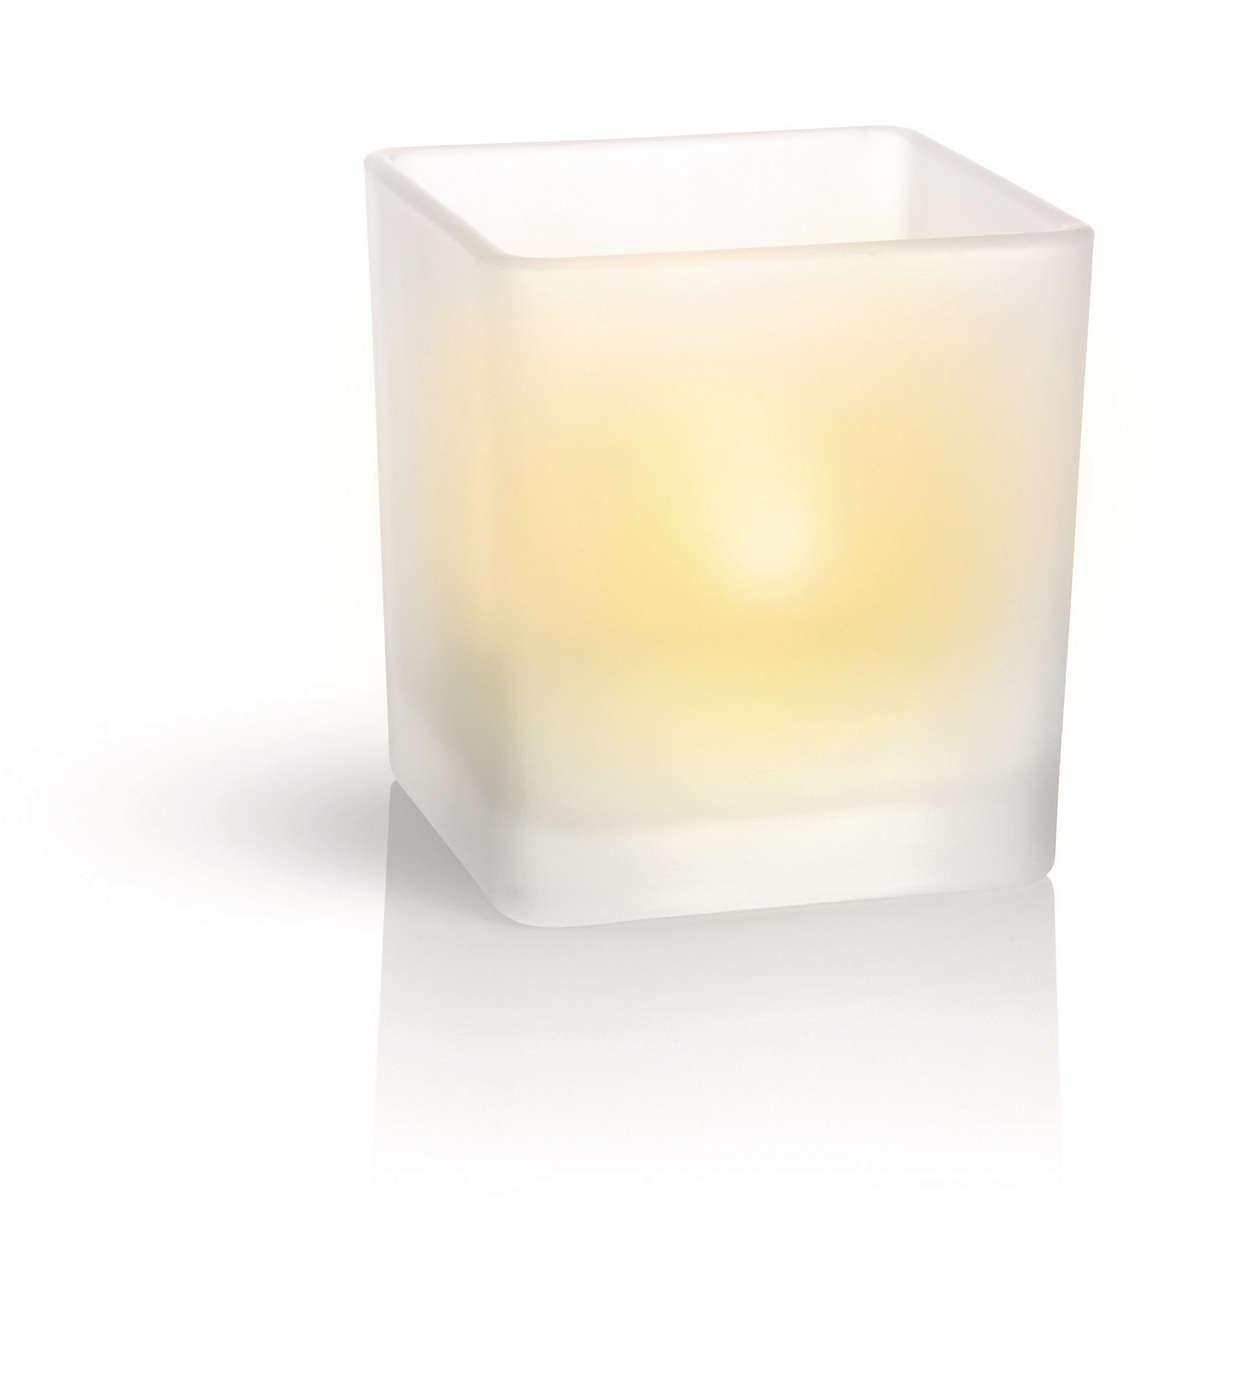 Plaats verlichting waar u wilt, zonder ingewikkeld gedoe